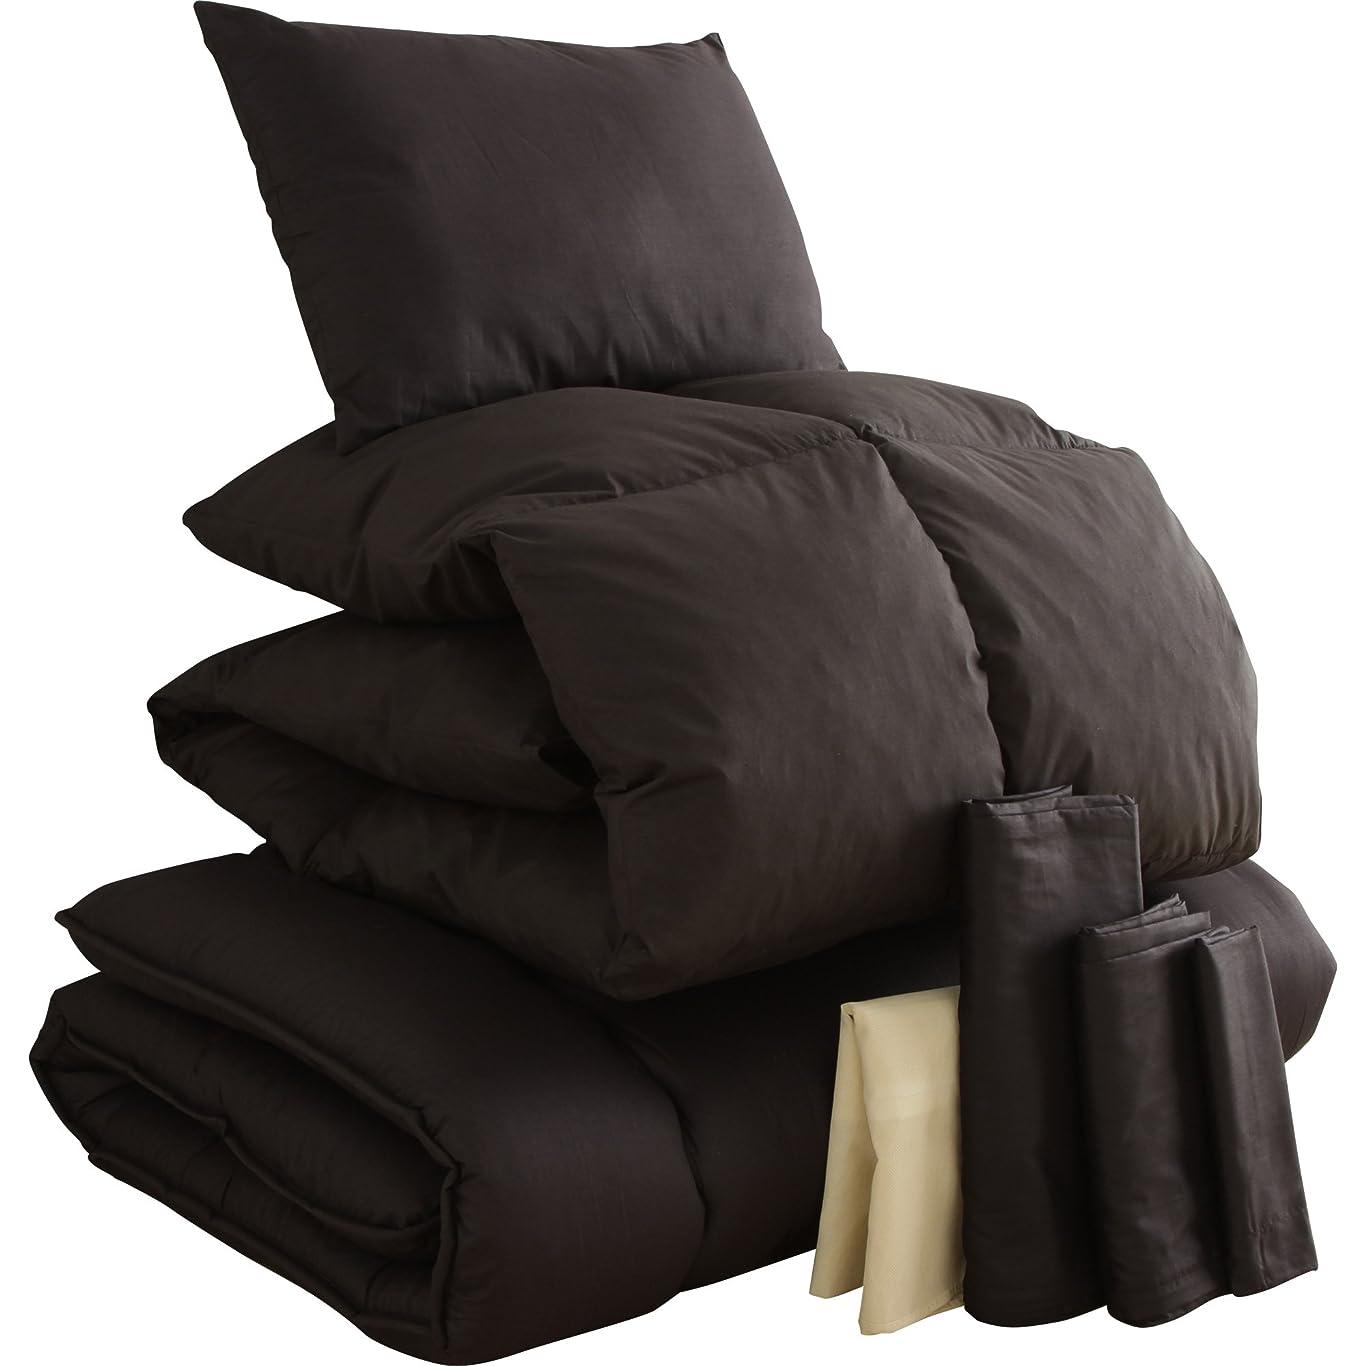 絶え間ない三角形速記アイリスプラザ 布団セット 掛け布団 敷布団 枕